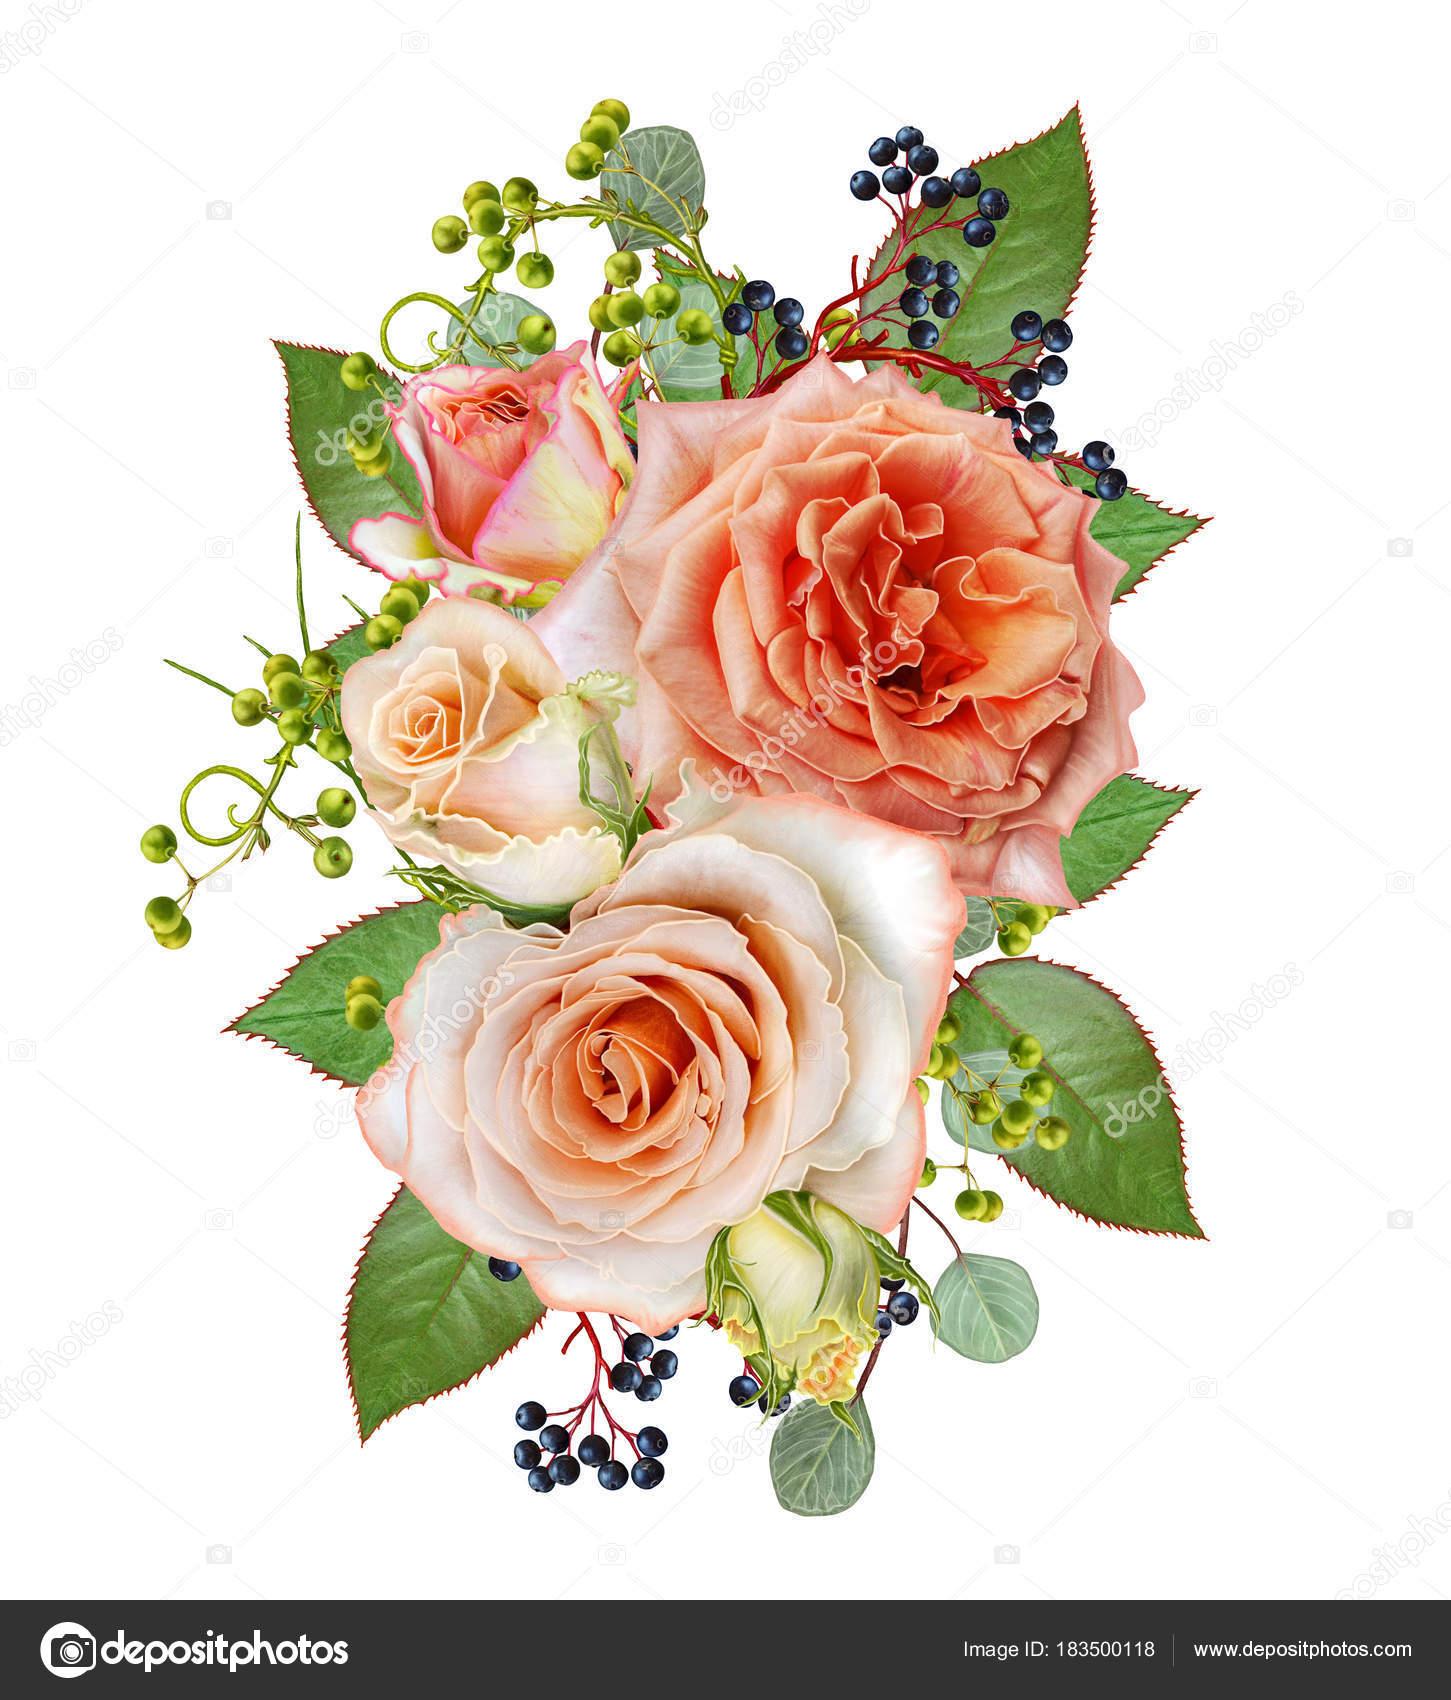 Открытка с благодарностью цветы и ягоды в букете 98